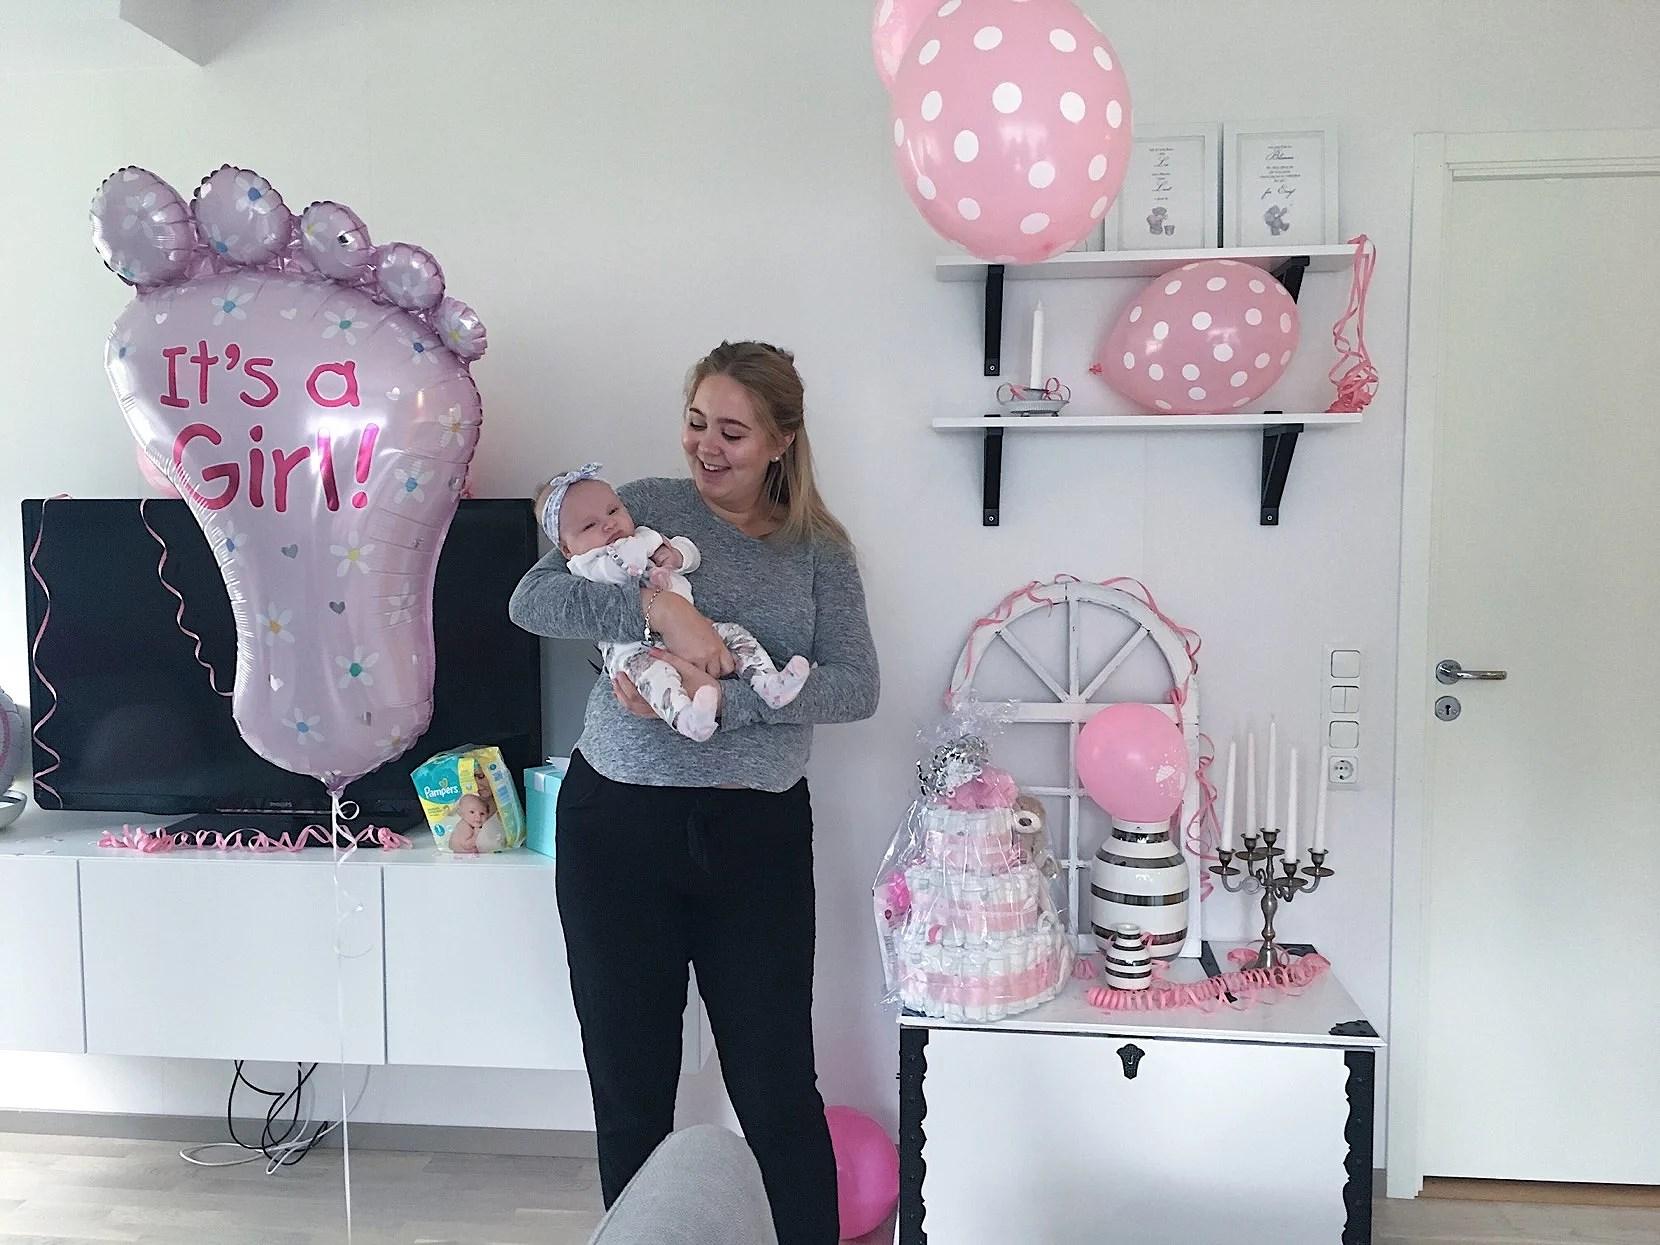 En lyckad babyshower för Linda